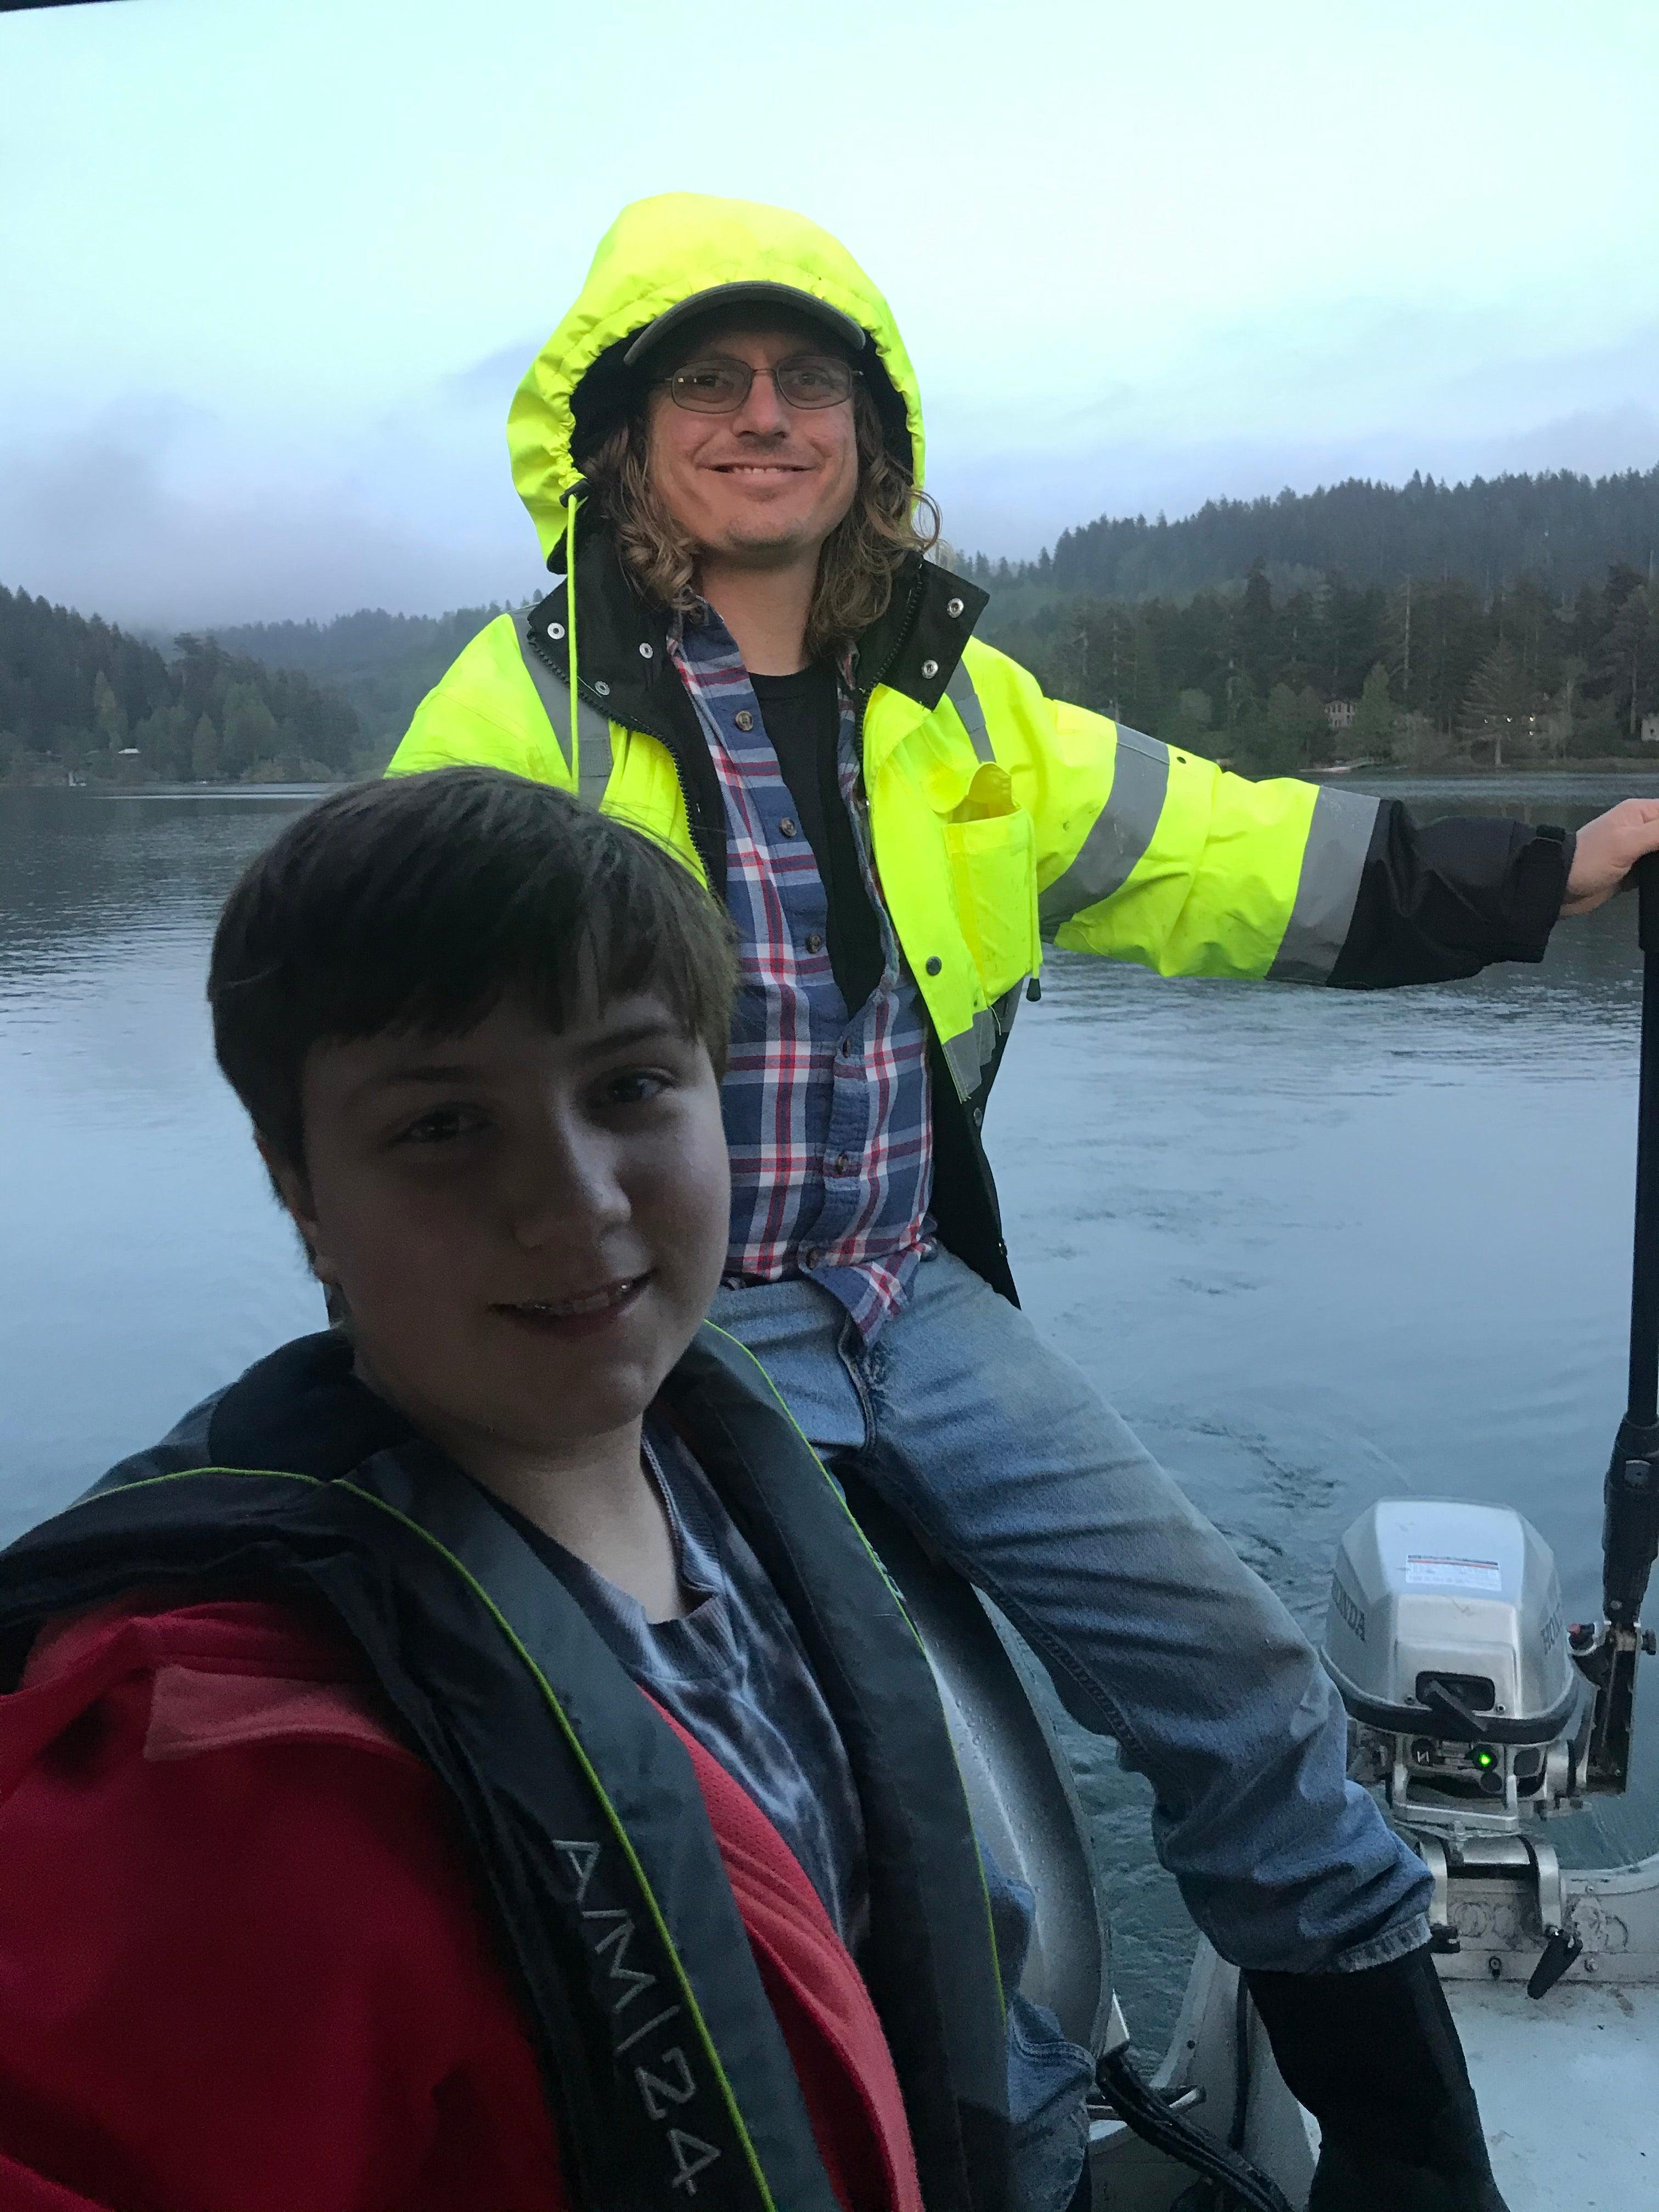 John-E-on-Boat.jpg